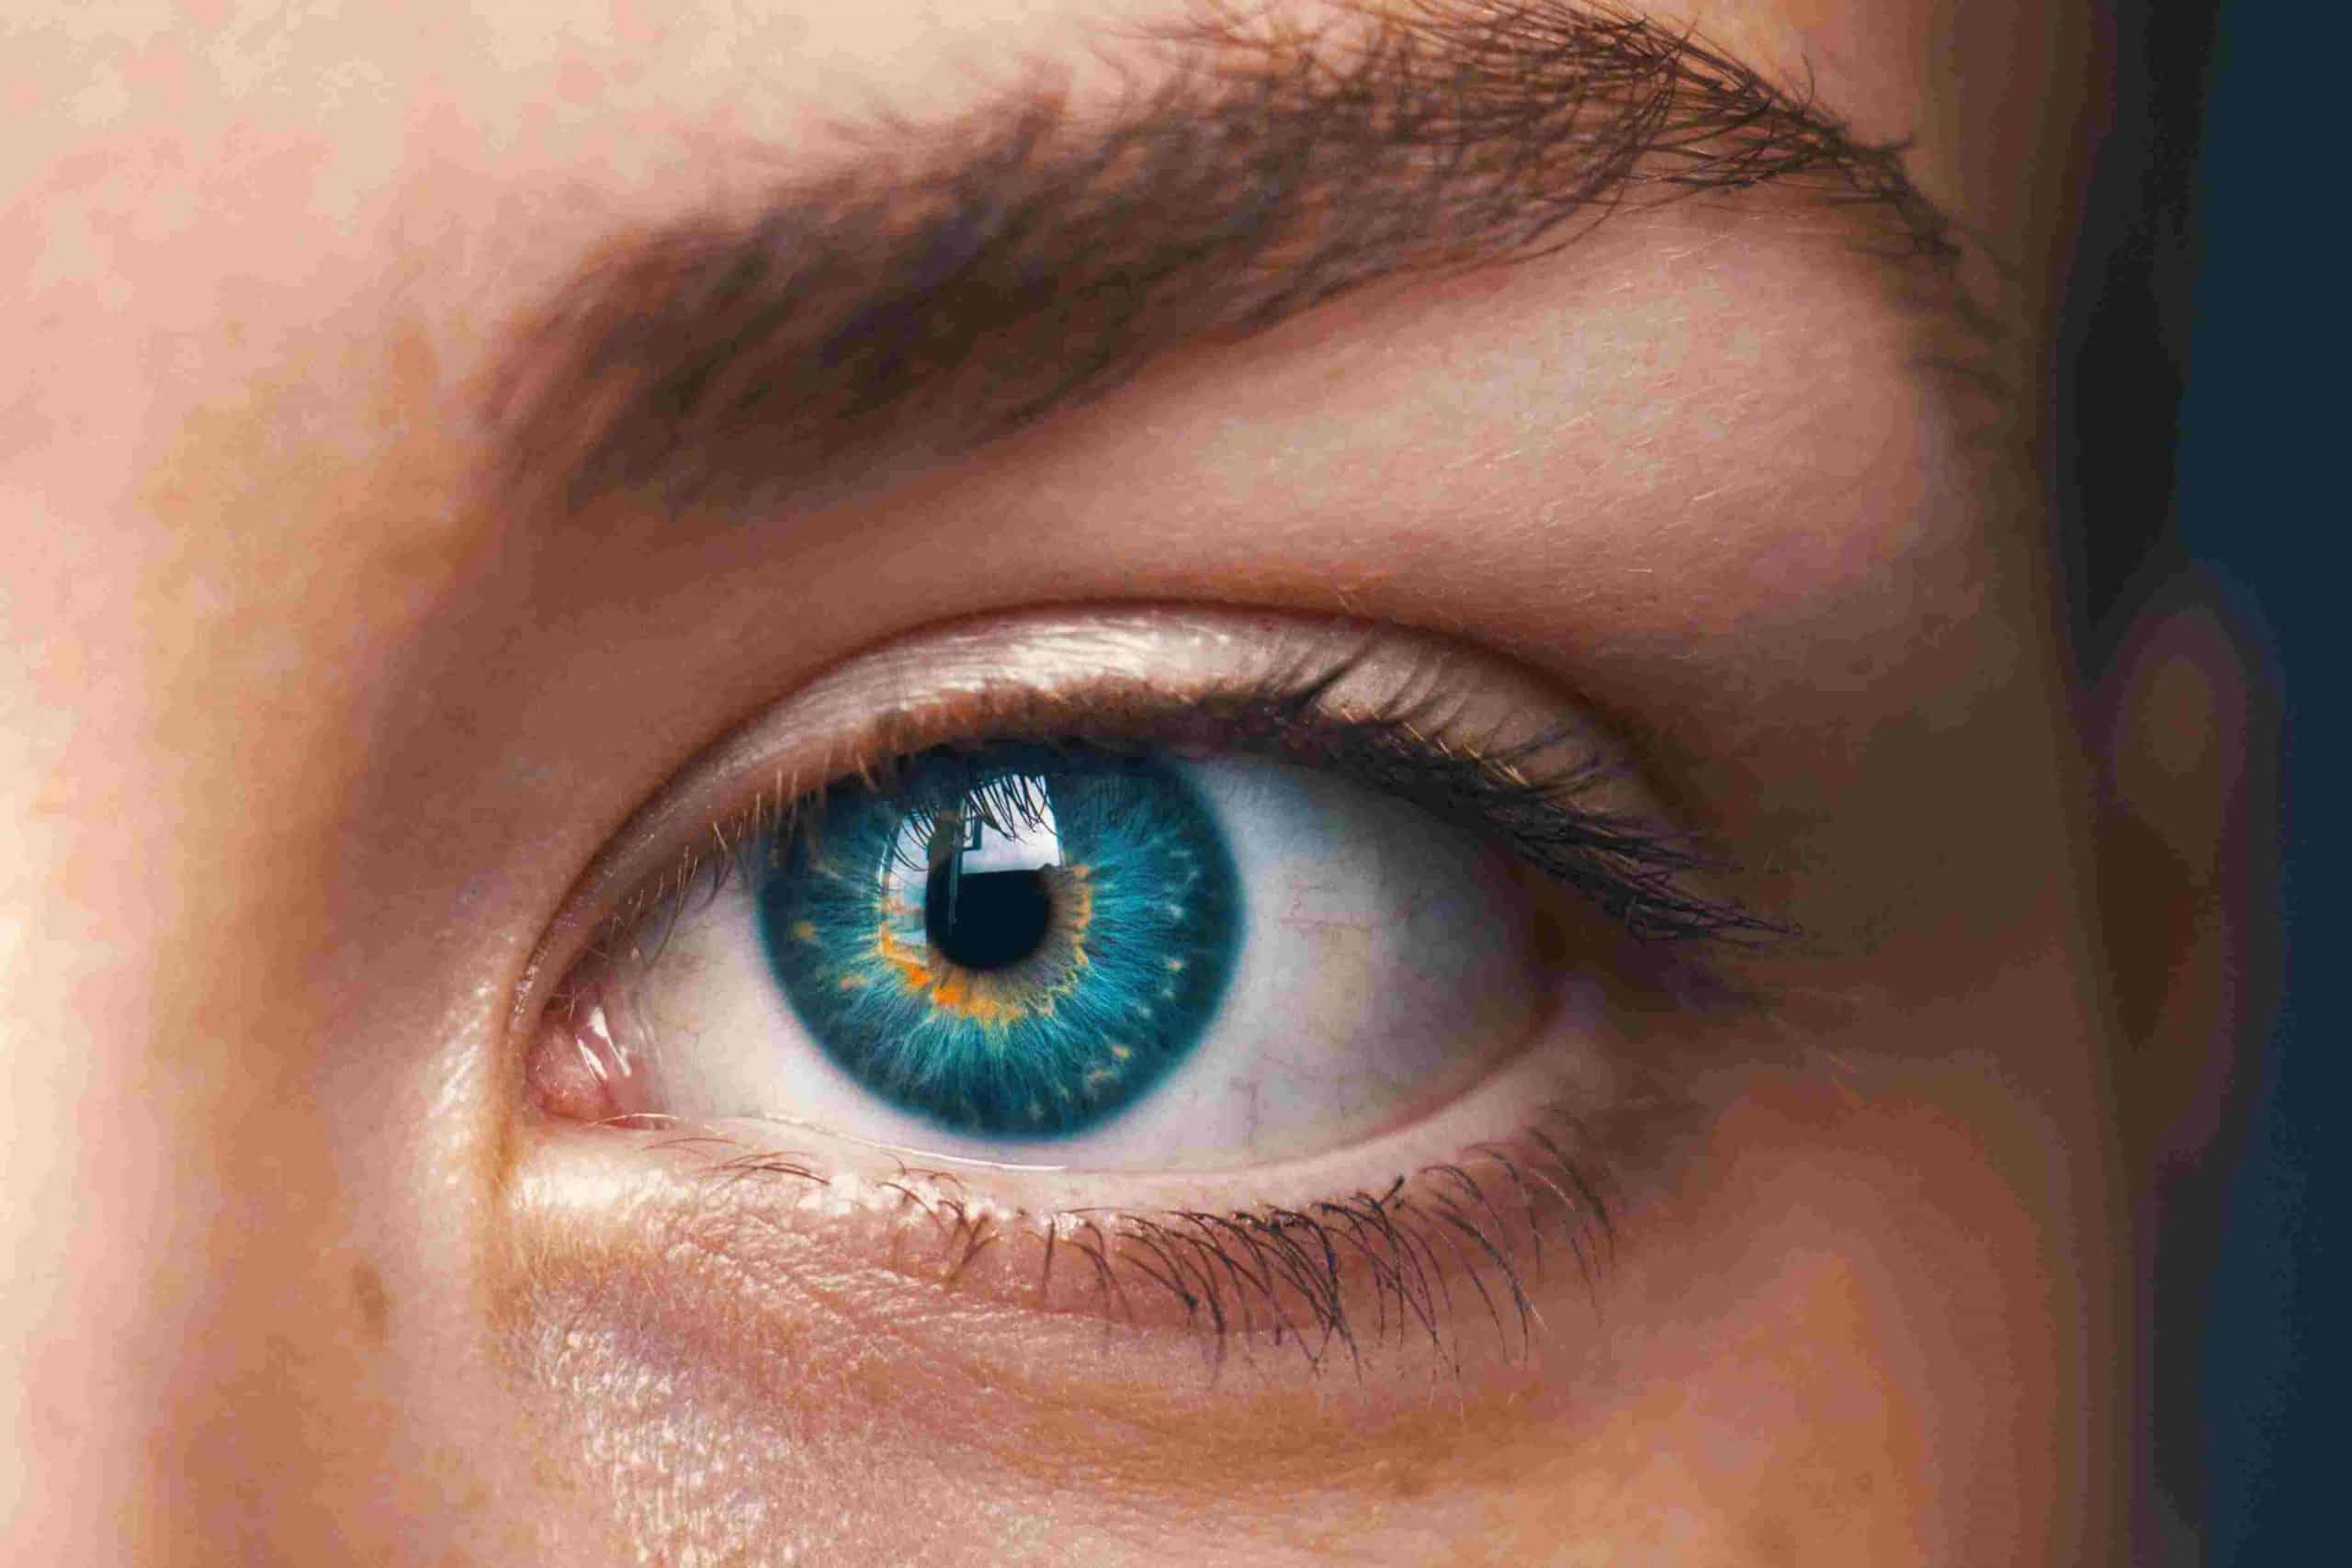 Το κριθαράκι στο μάτι είναι αποτέλεσμα μόλυνσης από το βακτήριο του σταφυλόκοκκου.